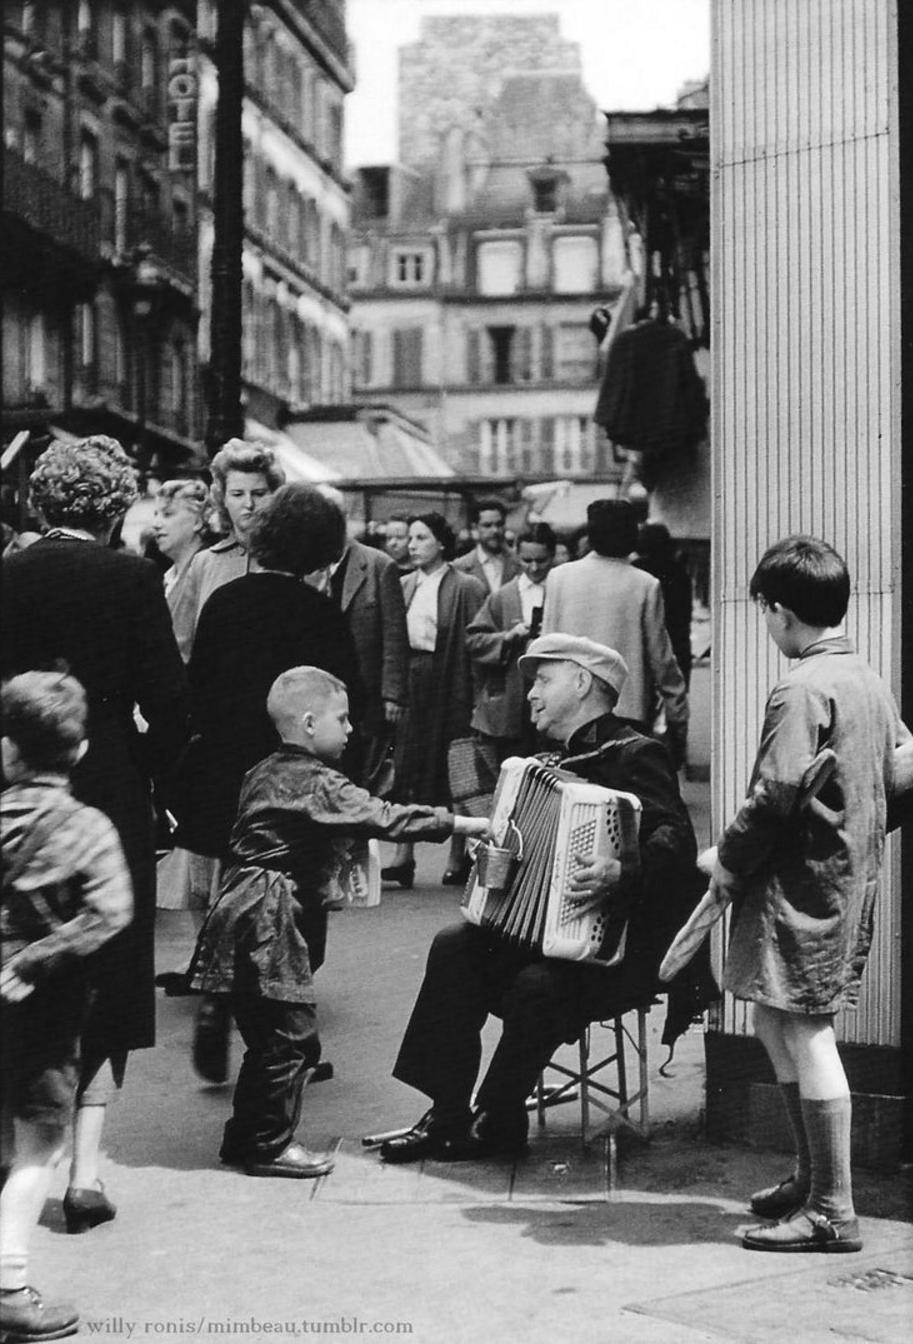 1955. Рю Лепик. Уличные музыканты